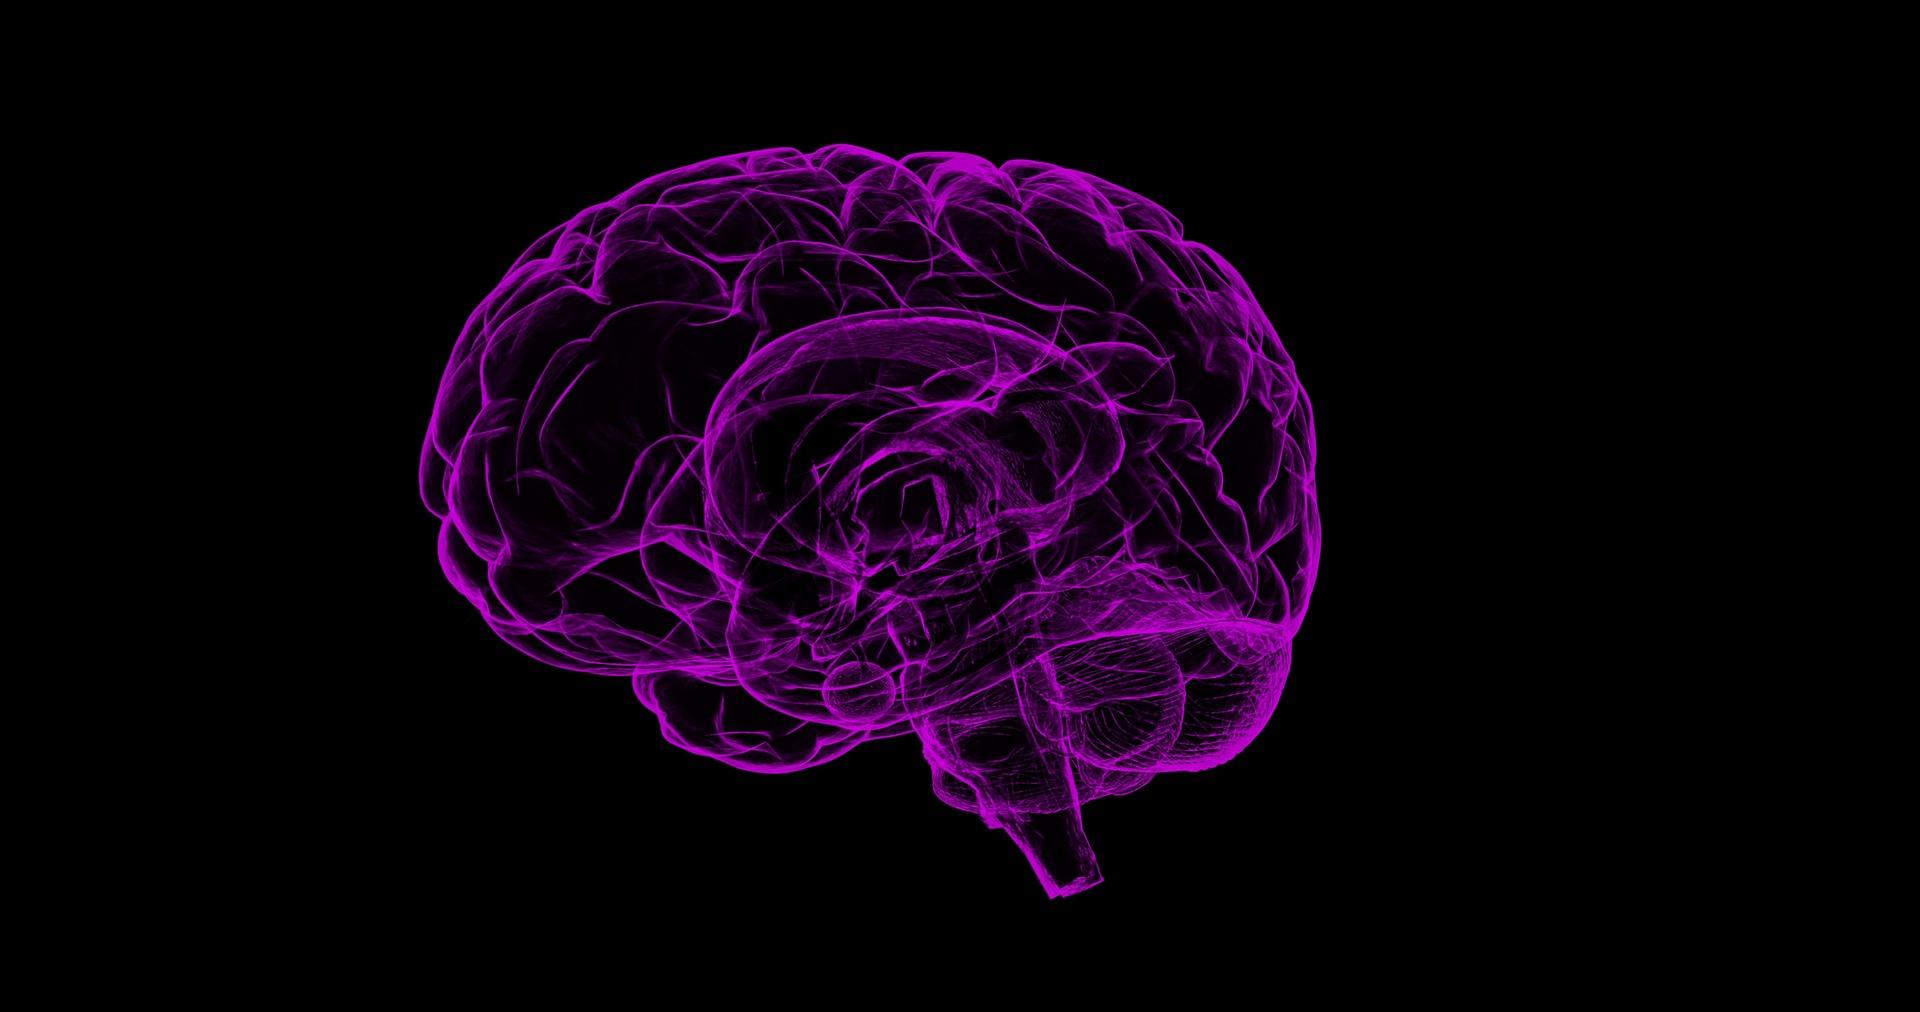 Un estudio desvela que las mujeres sobreviven más a los tumores cerebrales no malignos